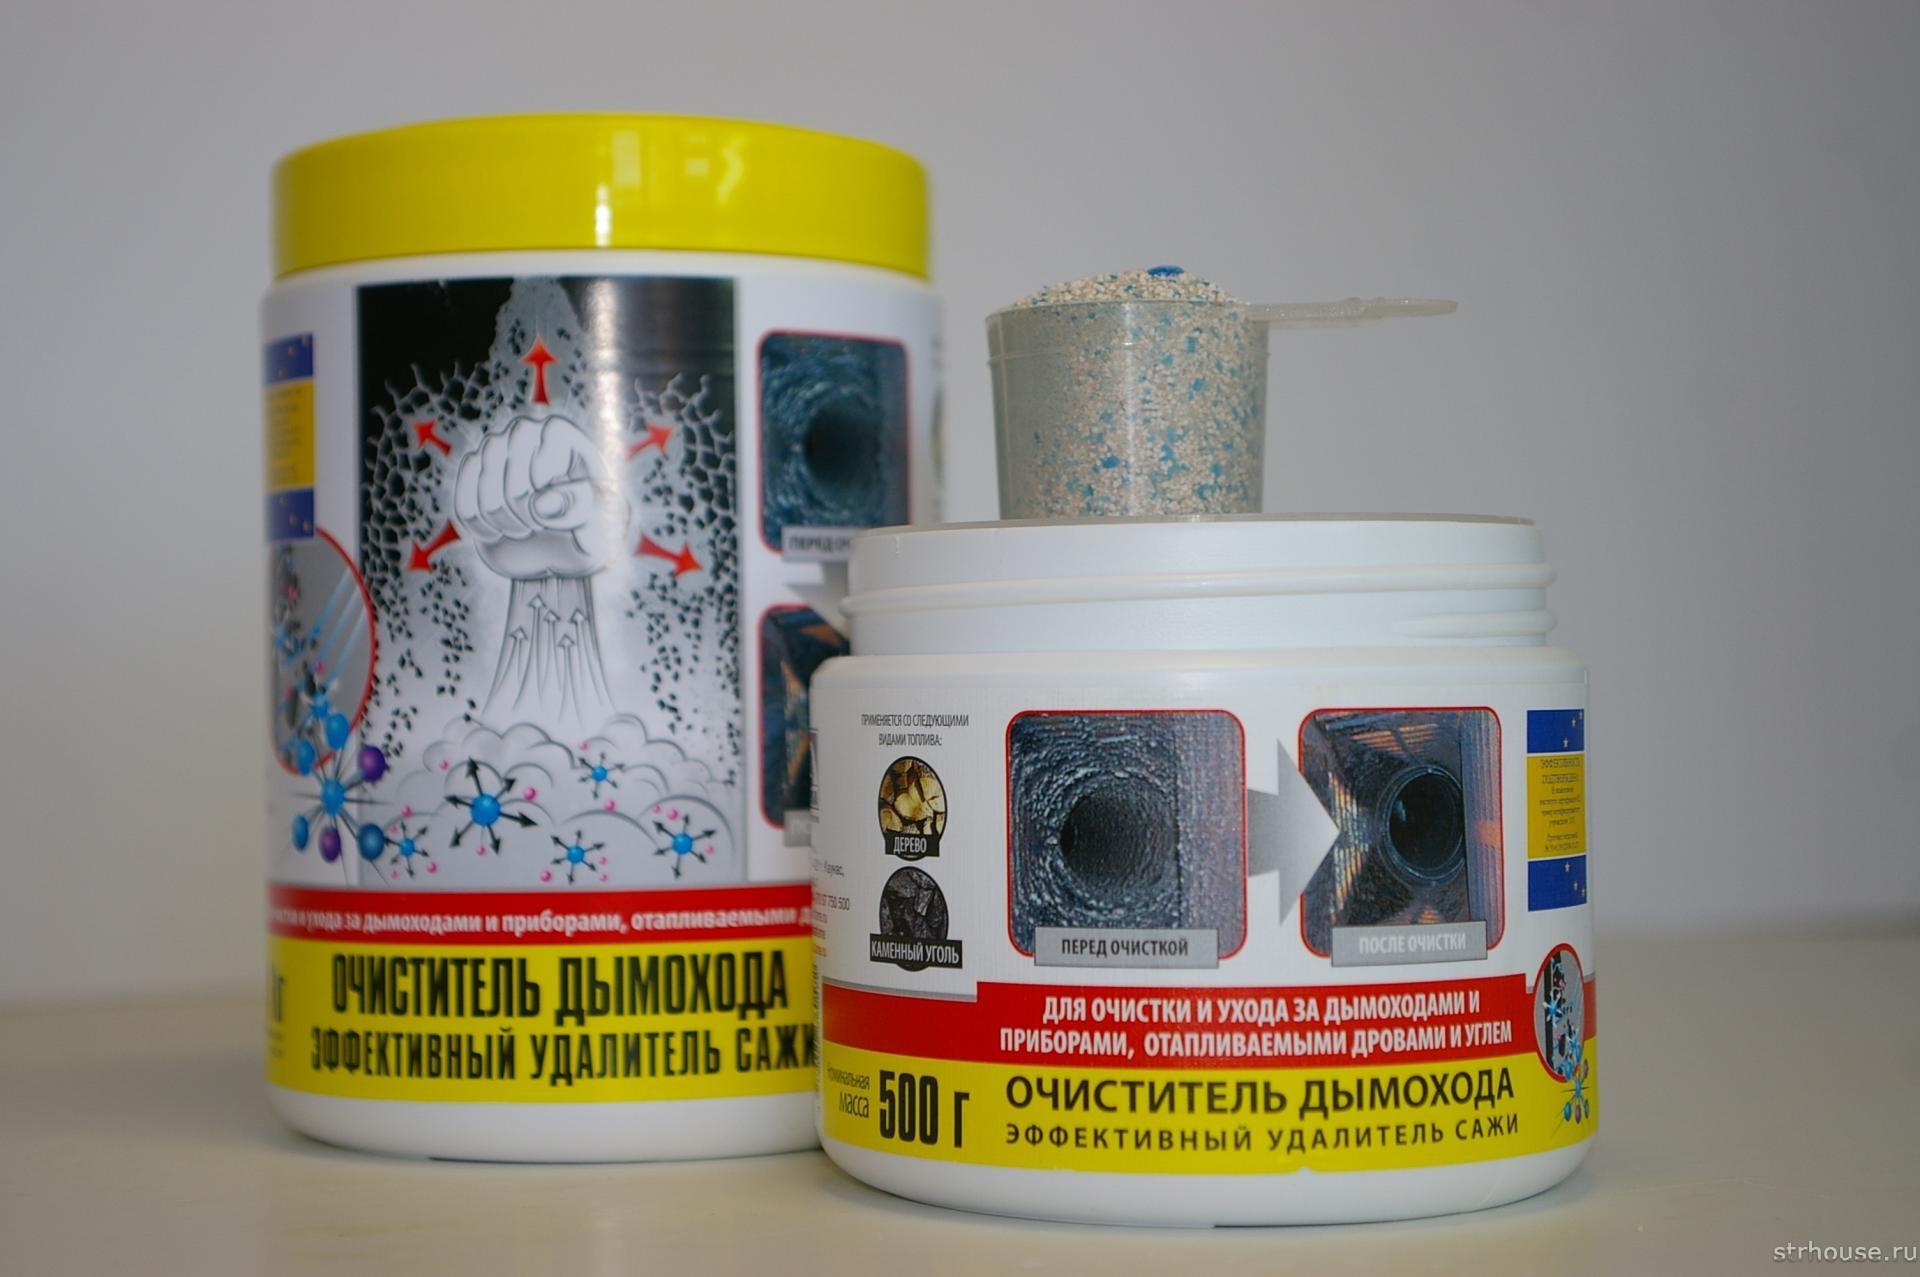 Химические средства для чистки дымохода